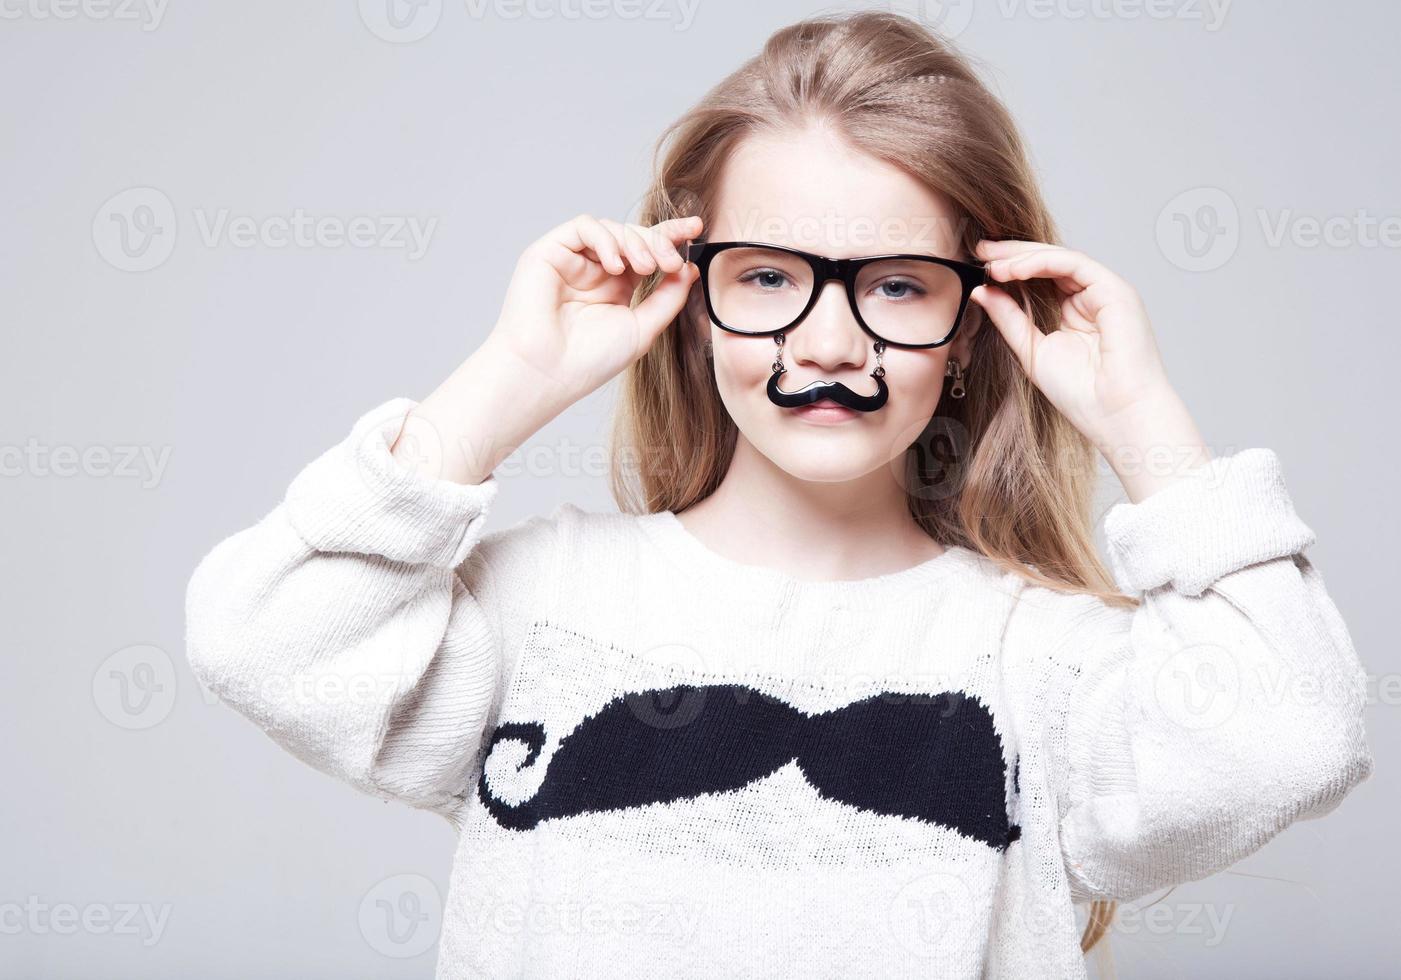 jolie adolescente portant des lunettes drôles photo